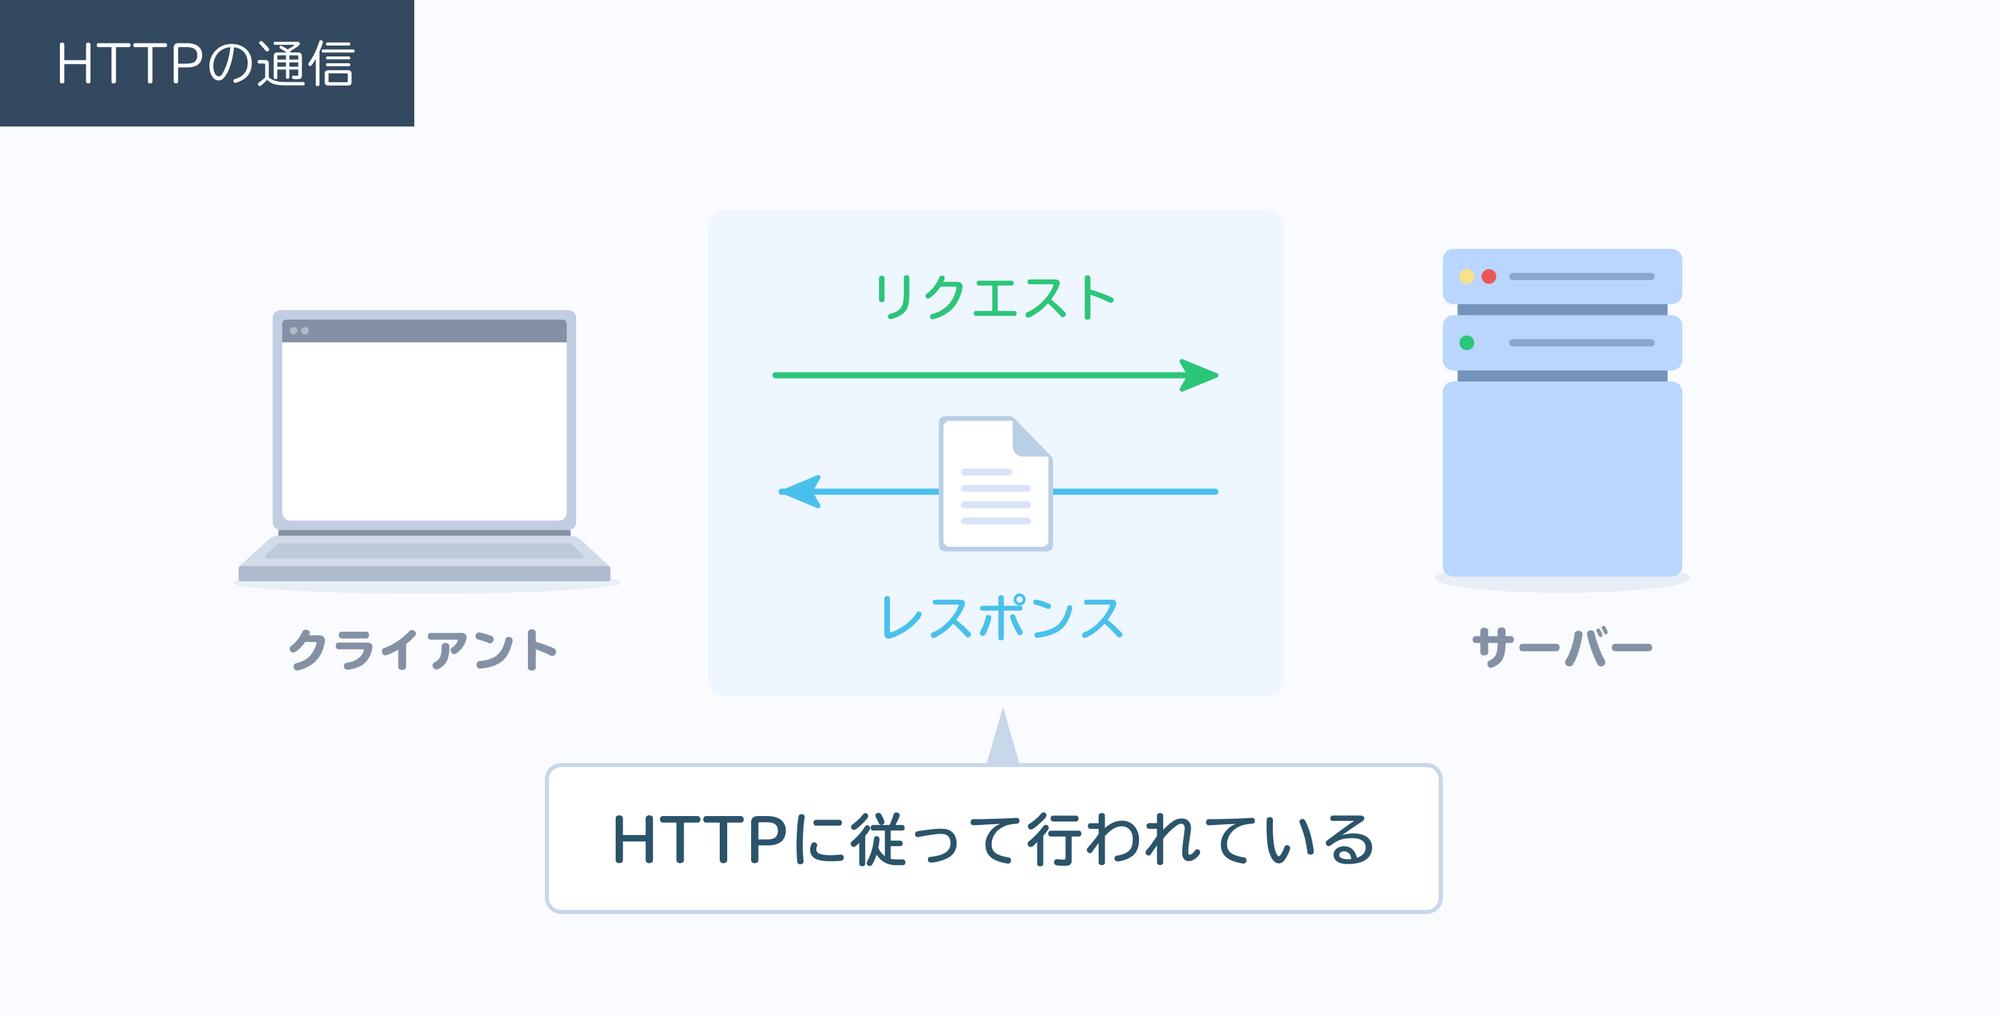 より高度なWebアプリケーションを作る準備をしよう!